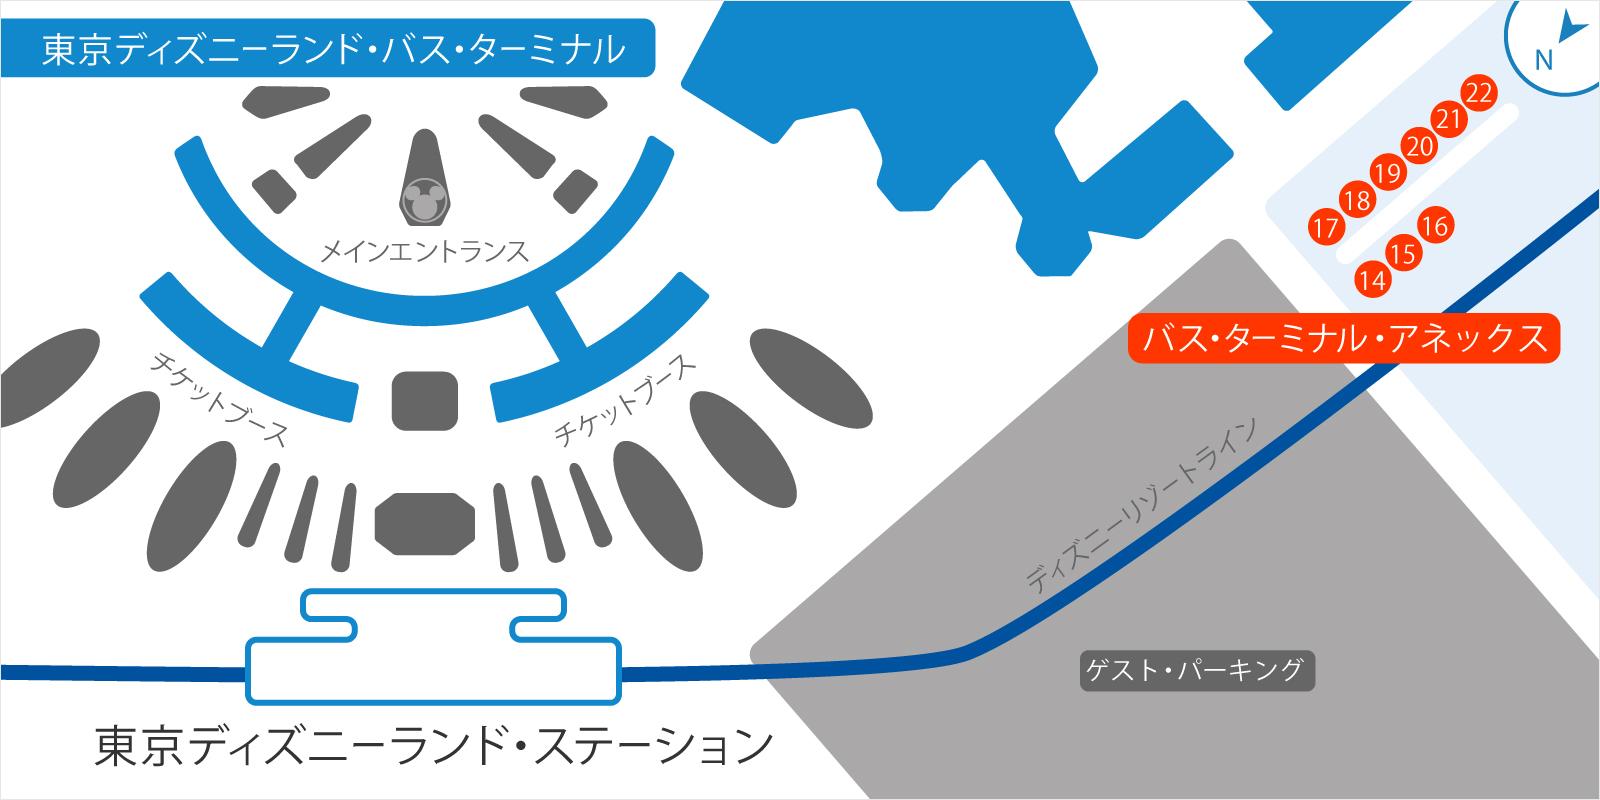 公式】東京ディズニーランド・バス・ターミナル | 東京ディズニーランド